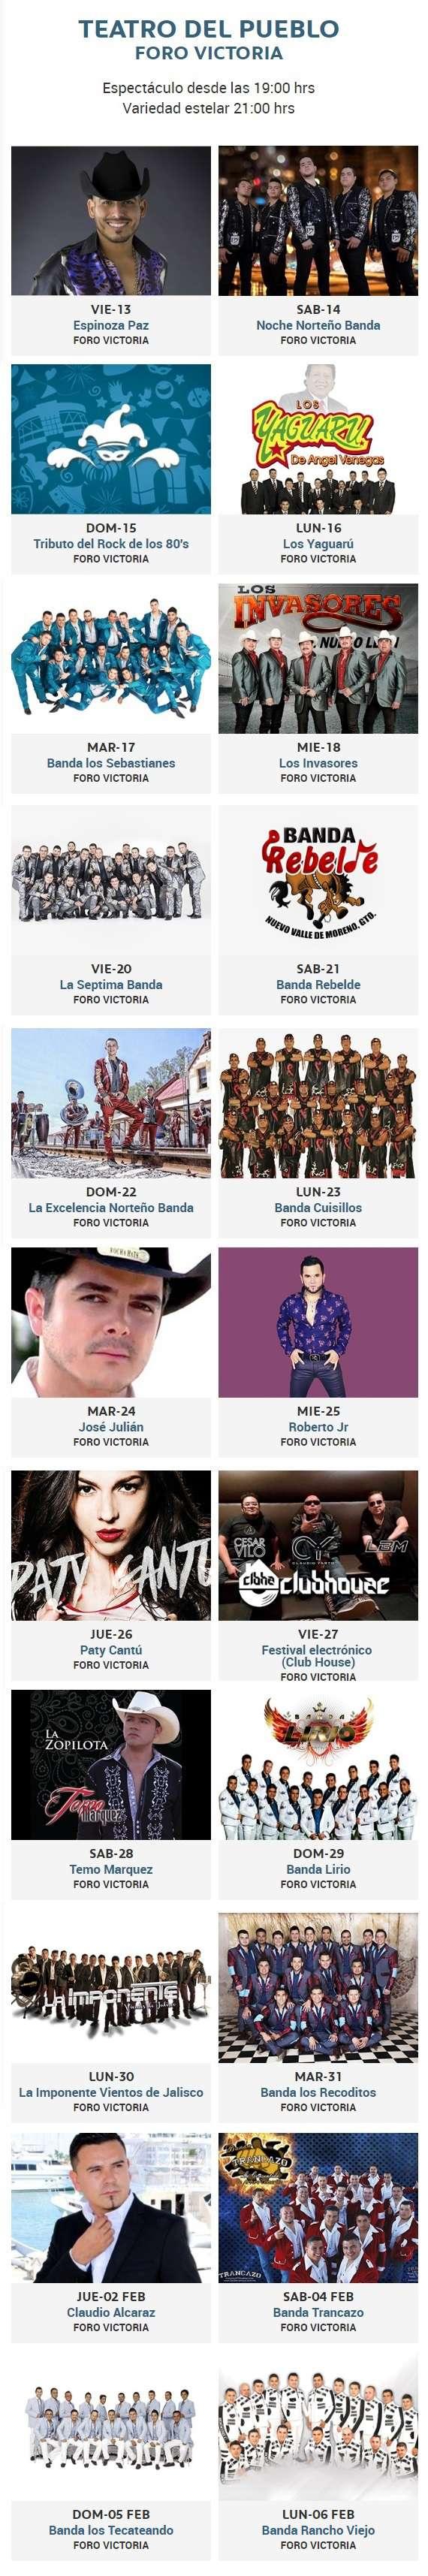 Foro Victoria de la Feria Leon 2017